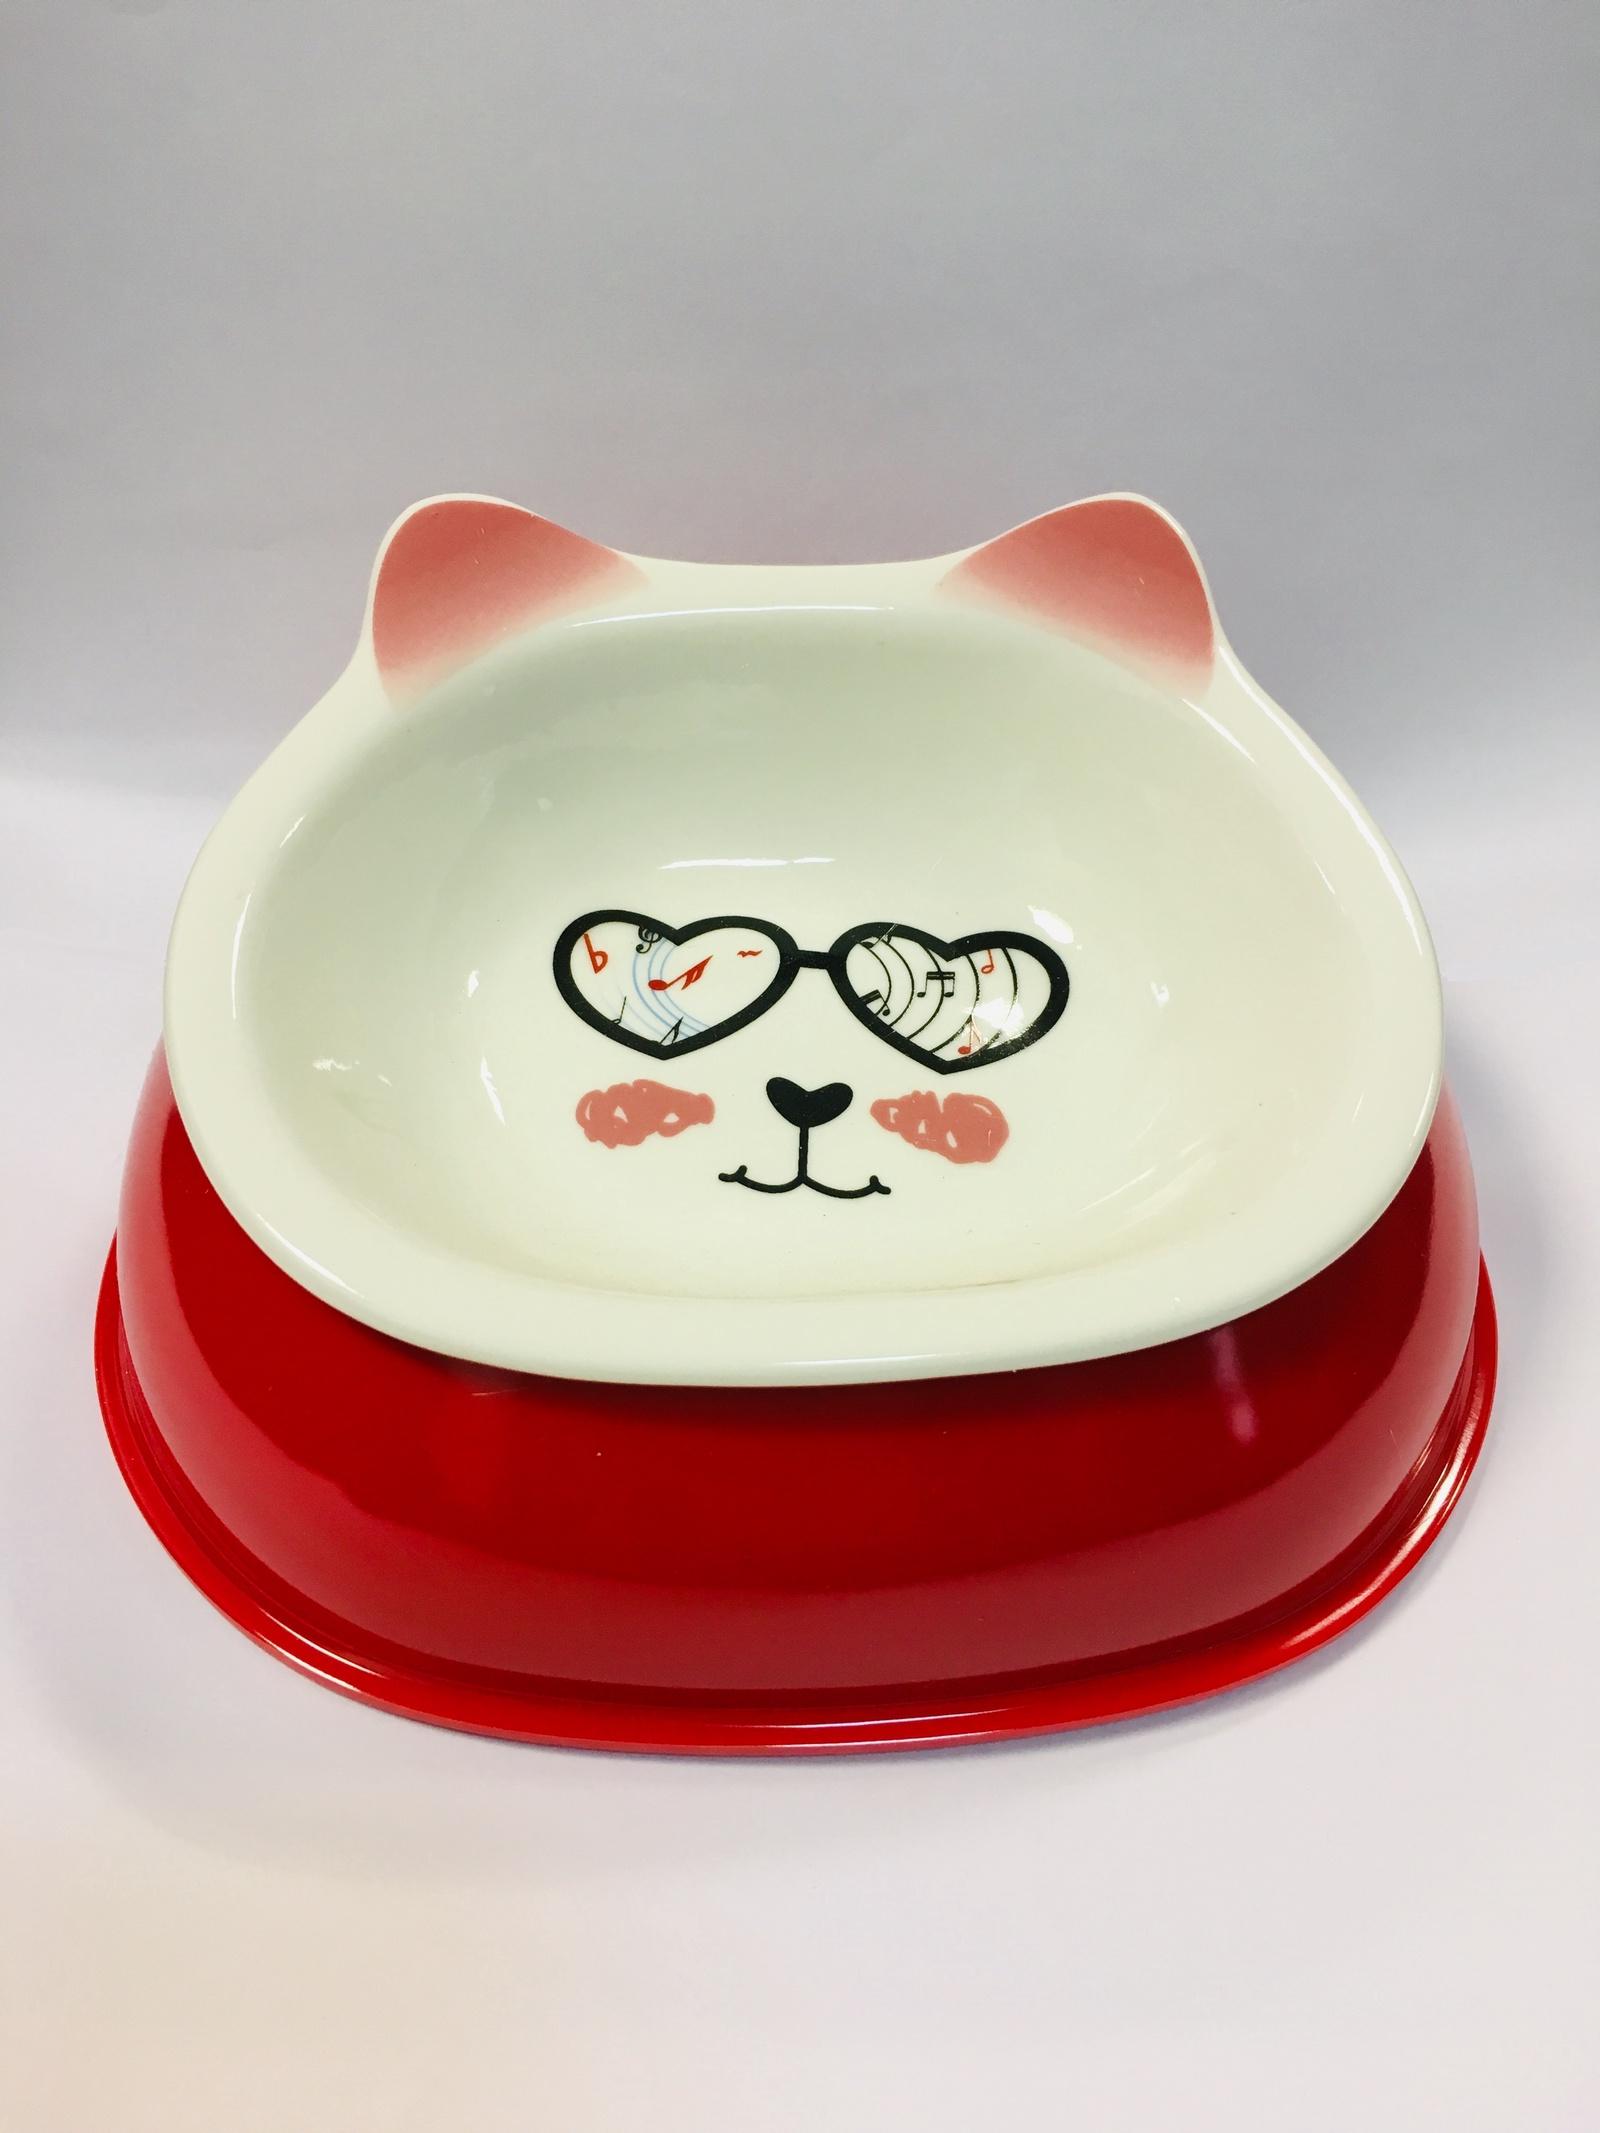 Миска для животных Pug & Pets, керамическая, на подставке top pets store 315202